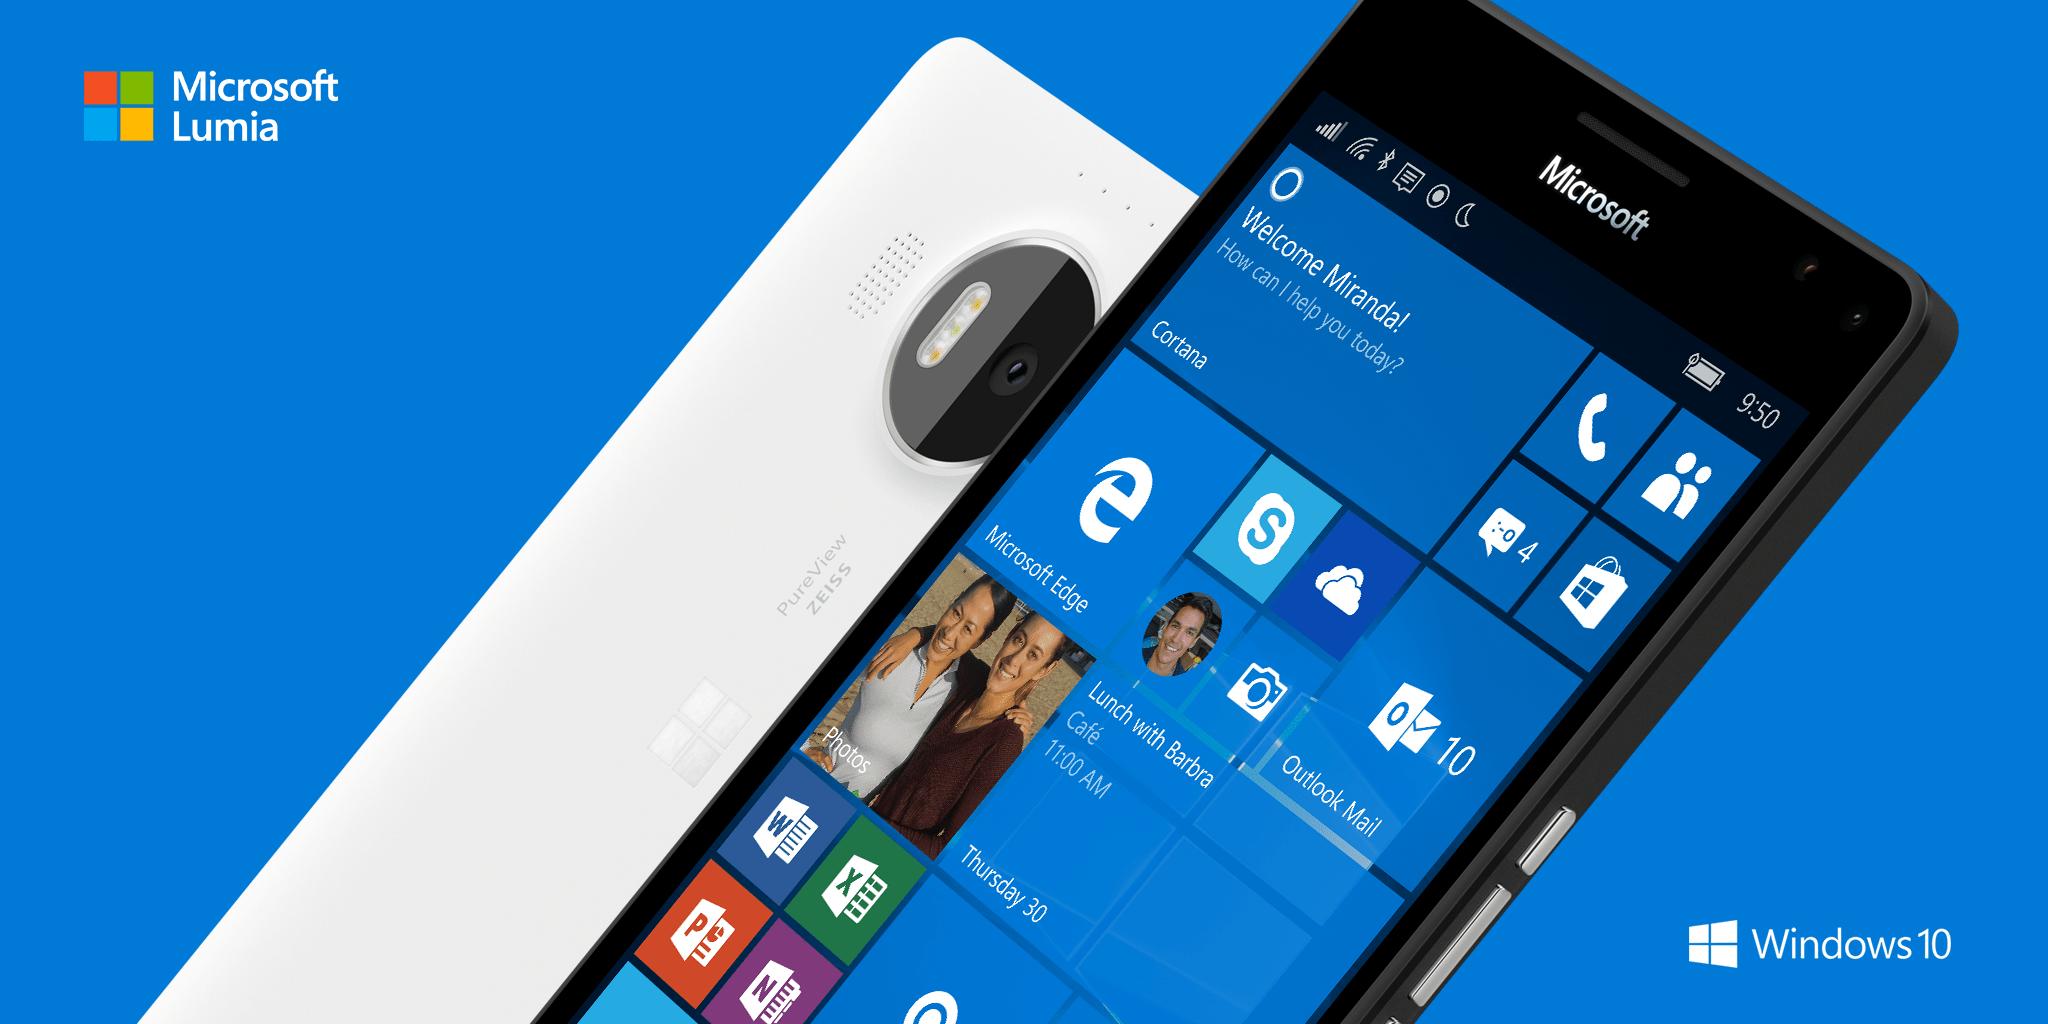 Lumia 950 vs Lumia 950 XL fotocamere